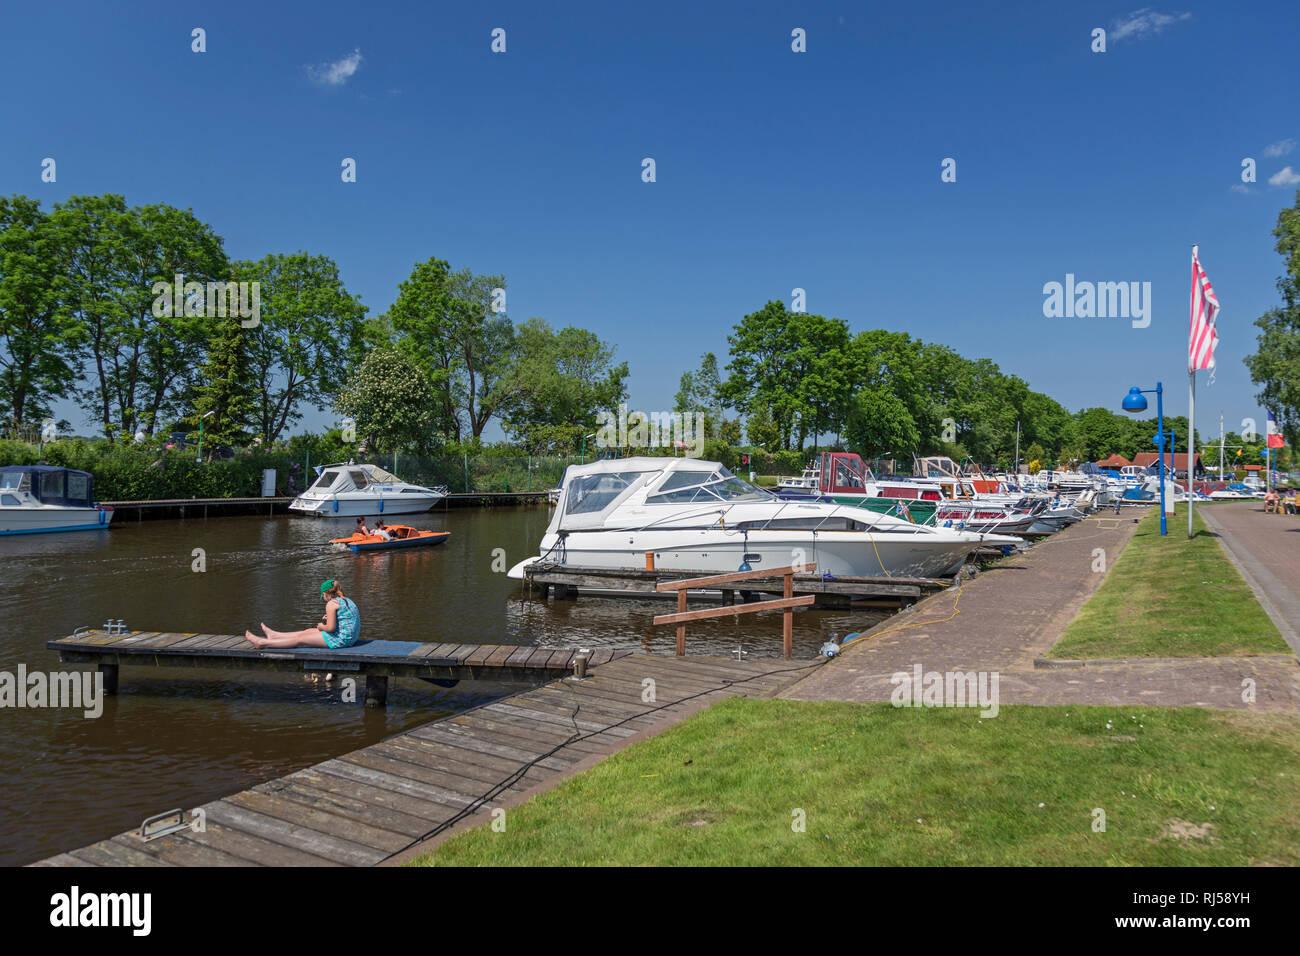 Bootshafen Timmel, Timmeler Meer, Gro?efehn, Stock Photo